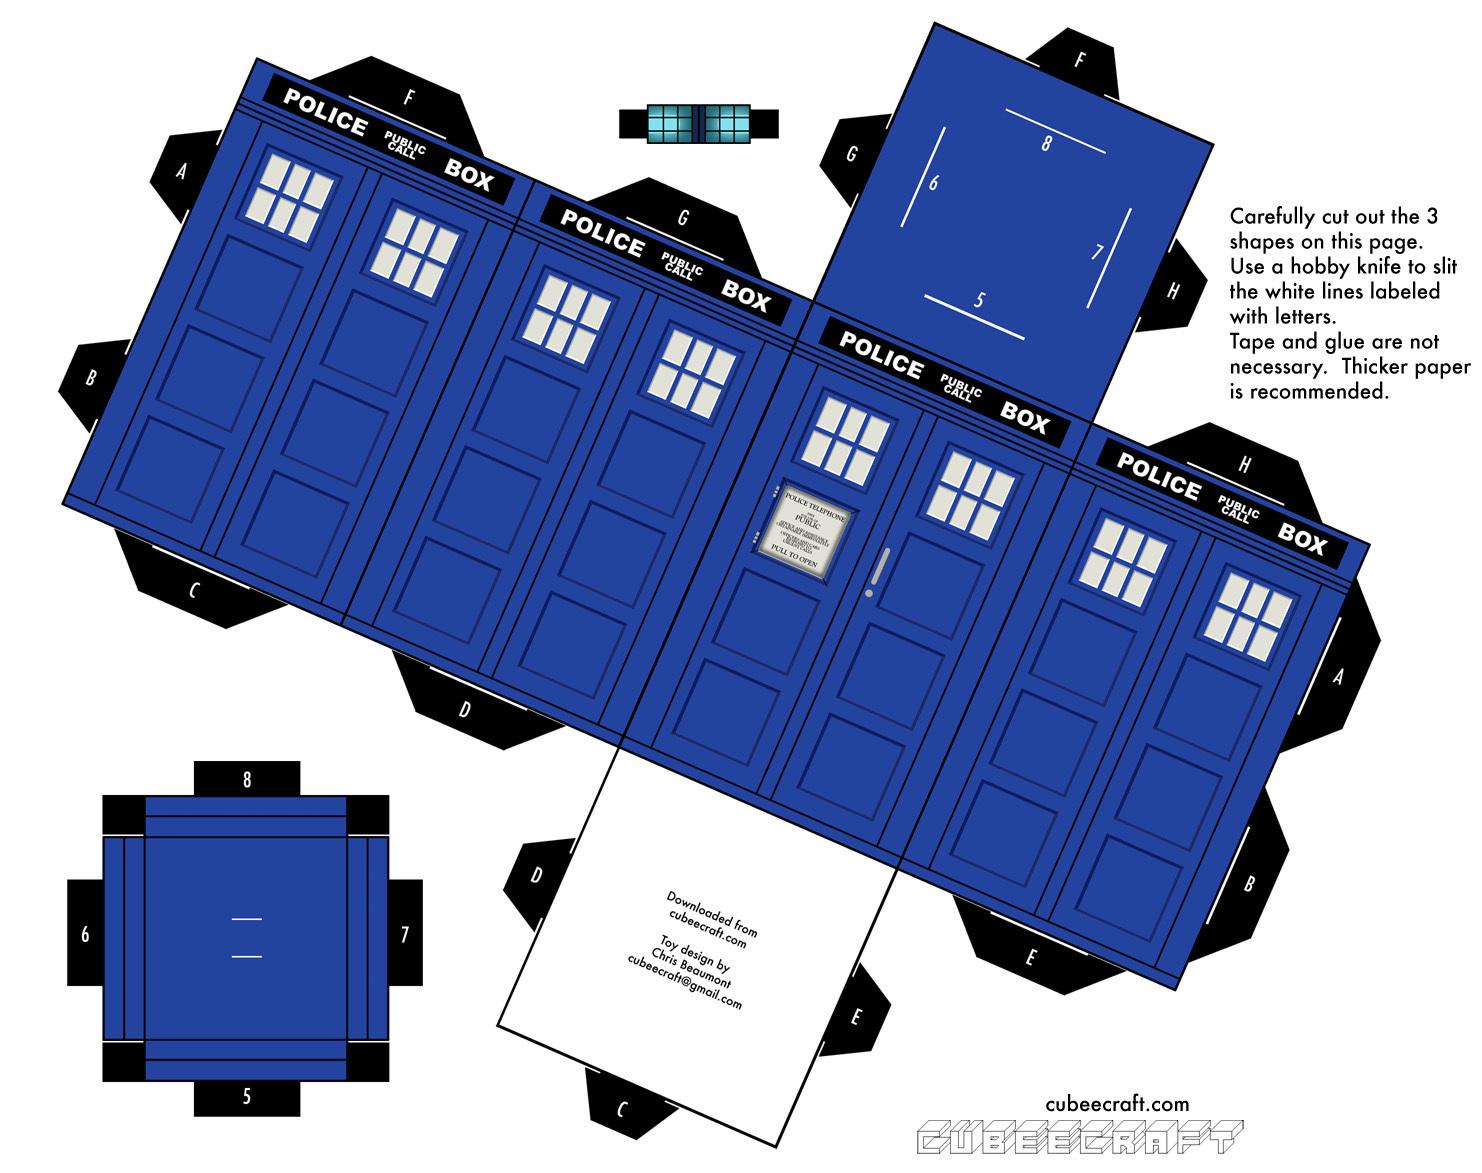 http://3.bp.blogspot.com/-B9f1KdqXQlM/ULC2srCFNwI/AAAAAAAAAto/d4TU07fcSfo/s1600/TARDIS-doctor-who-12343715-1482-1173.jpg